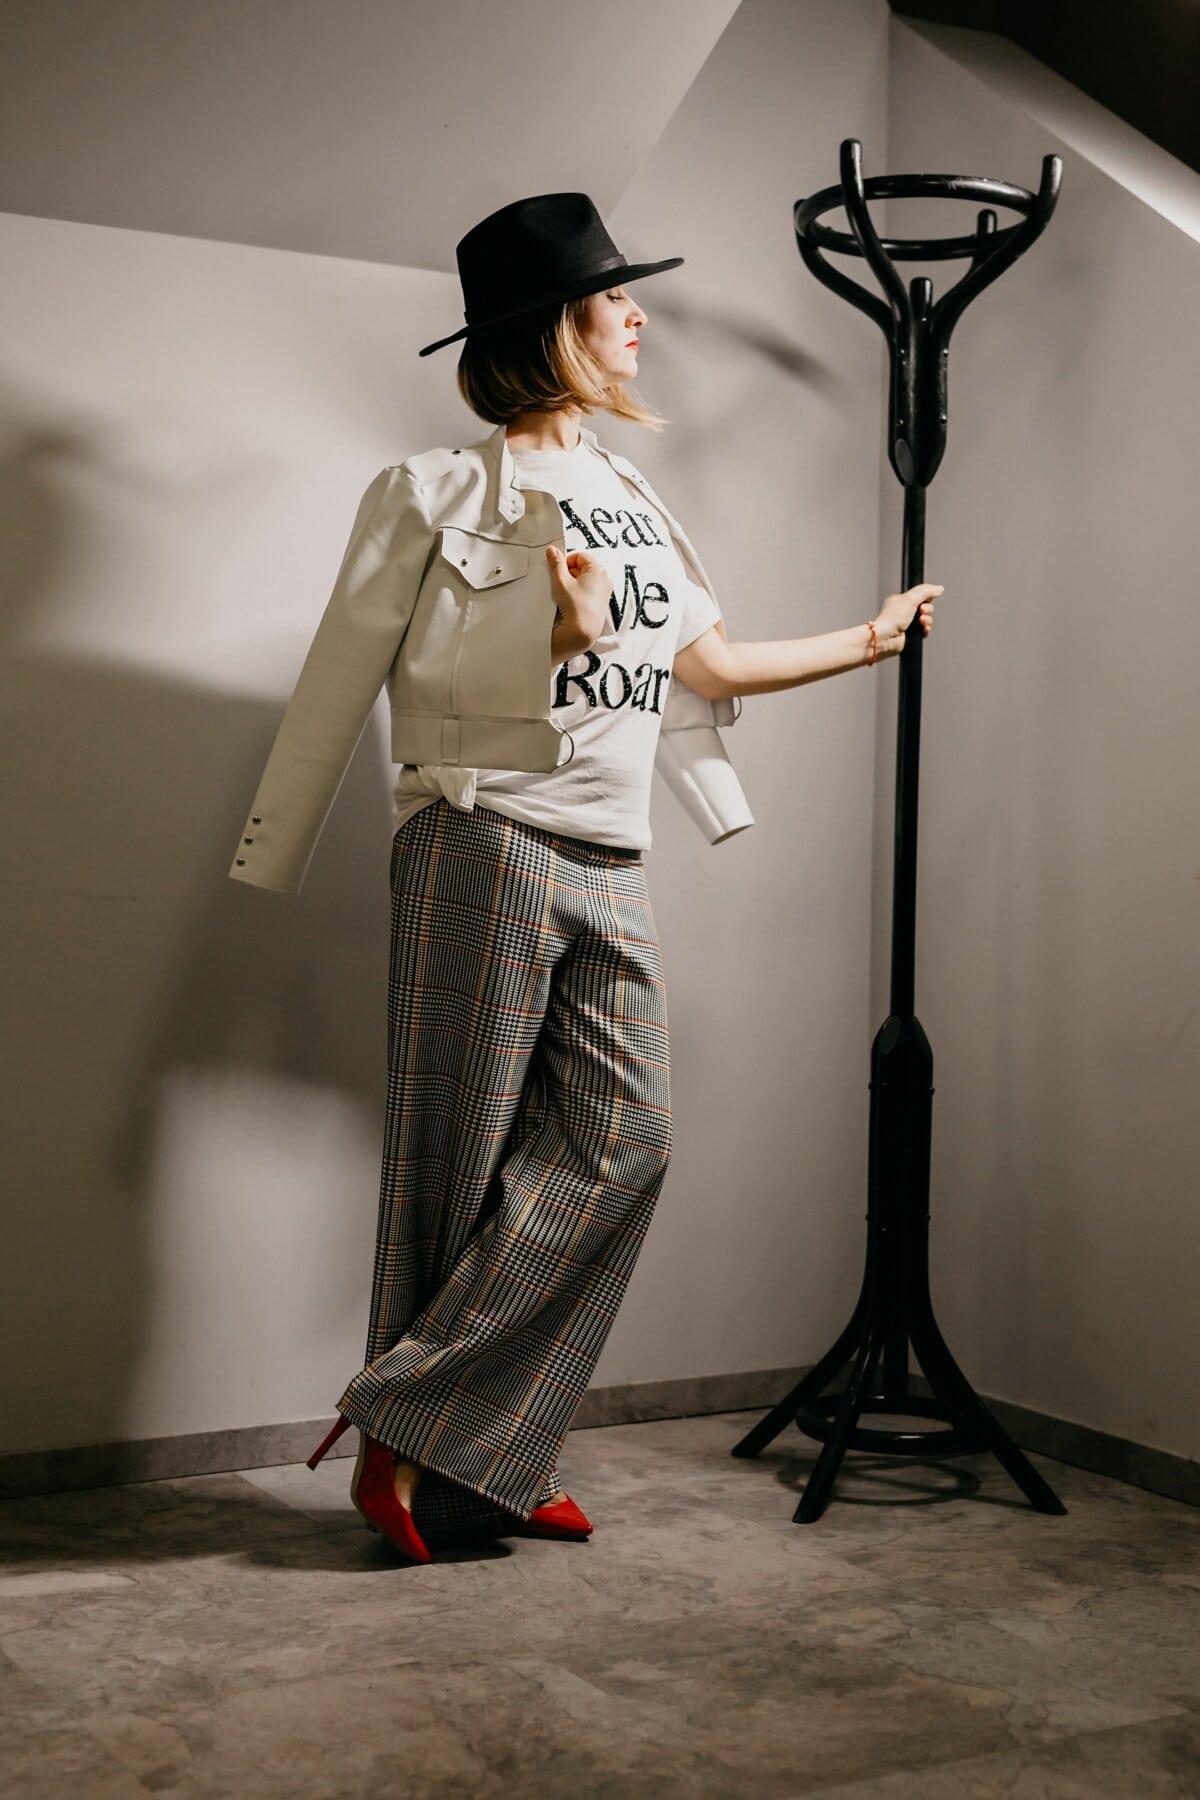 hat, sort, mode, trendy, kvinde, fancy, outfit, poserer, stående, bukser